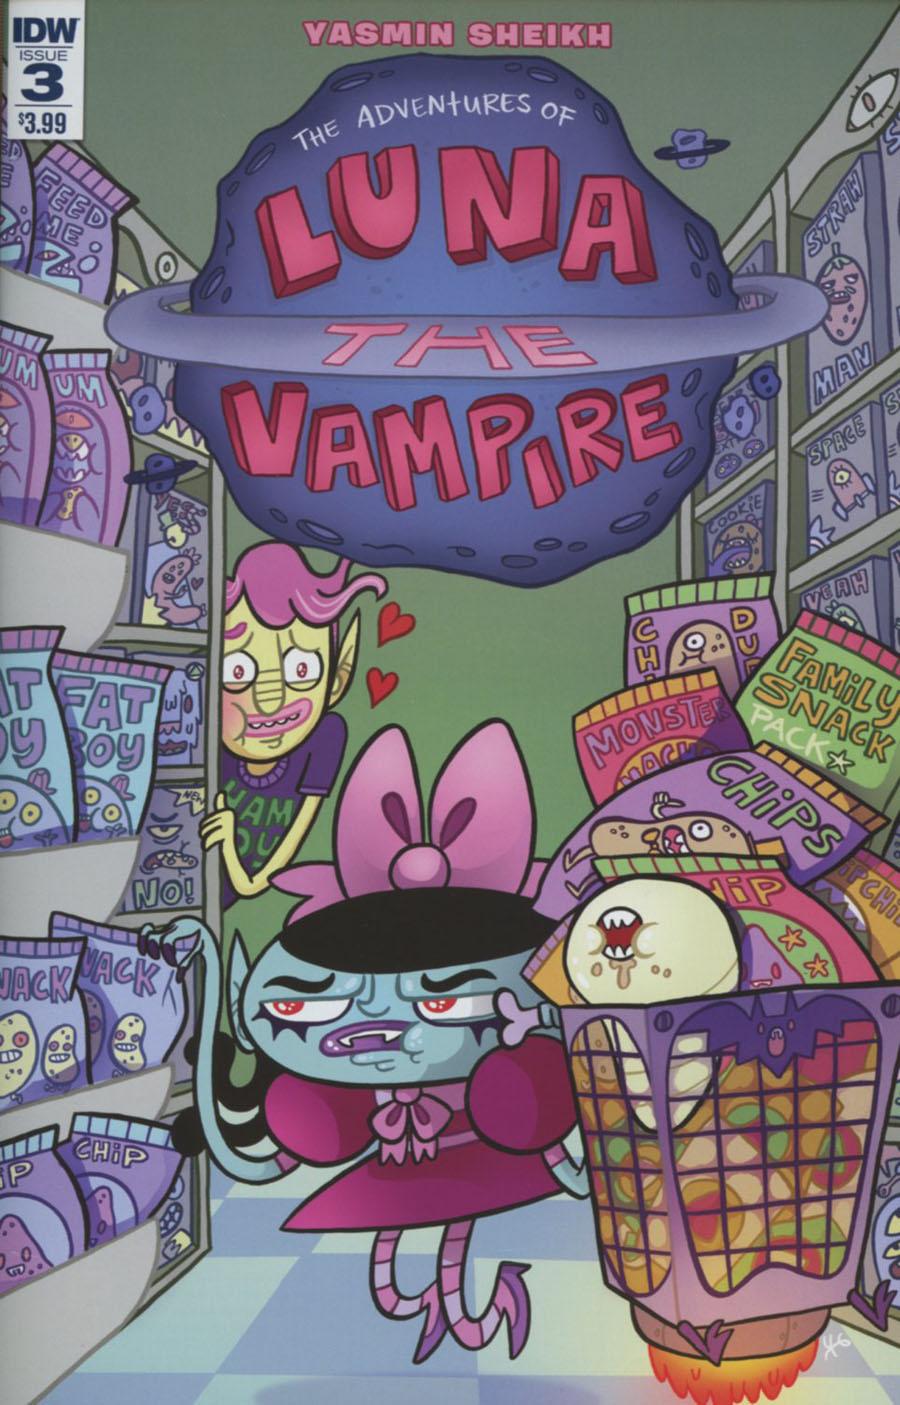 Luna The Vampire #3 Cover A Regular Yasmin Sheikh Cover